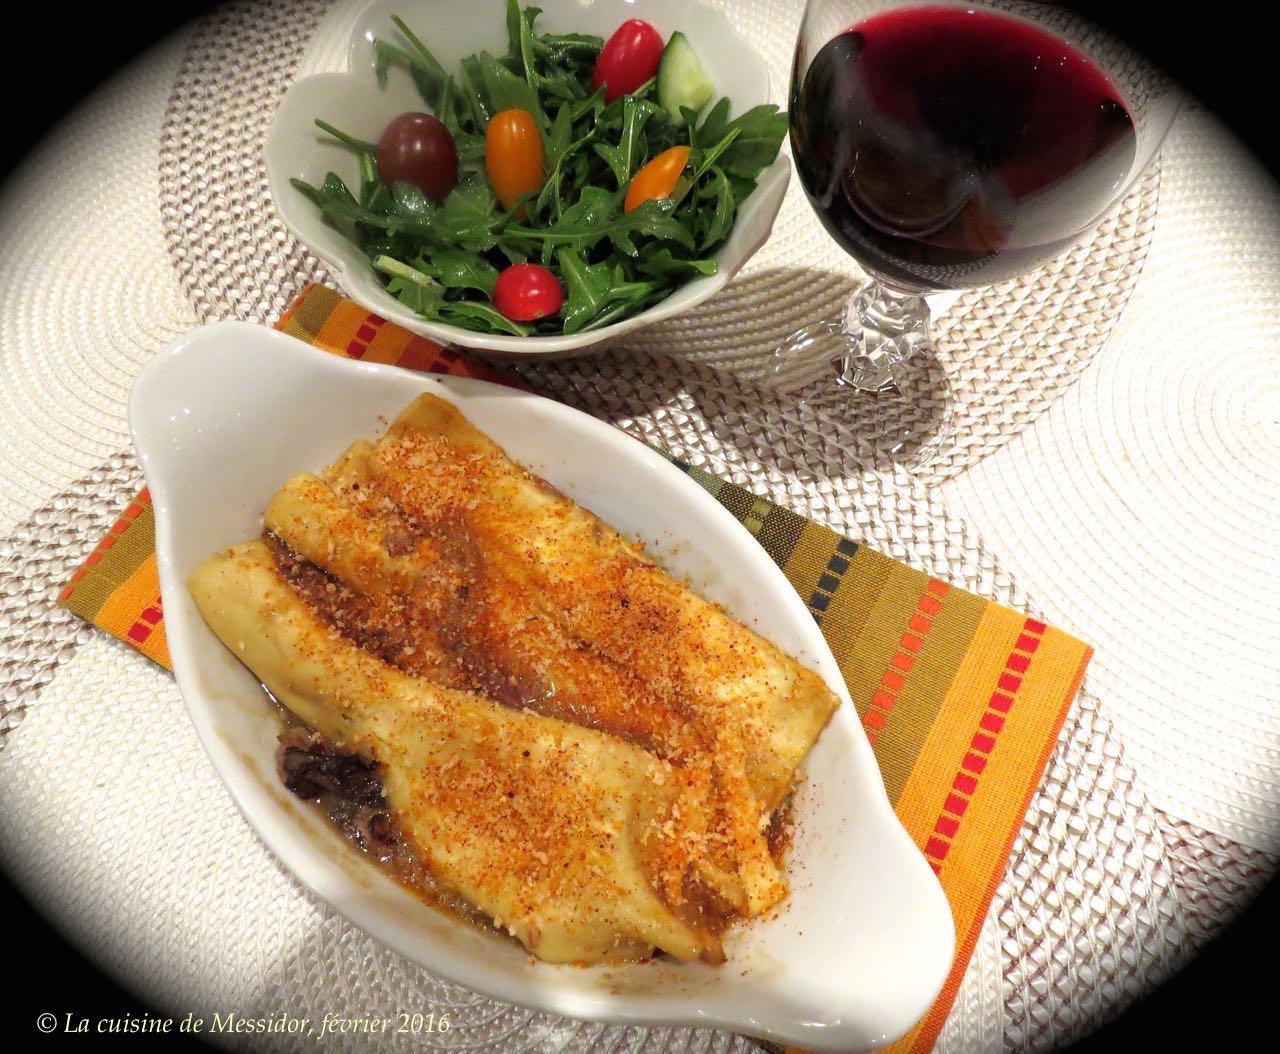 La cuisine de messidor roul s aux cuisses de canard - Comment cuisiner des cuisses de canard fraiches ...